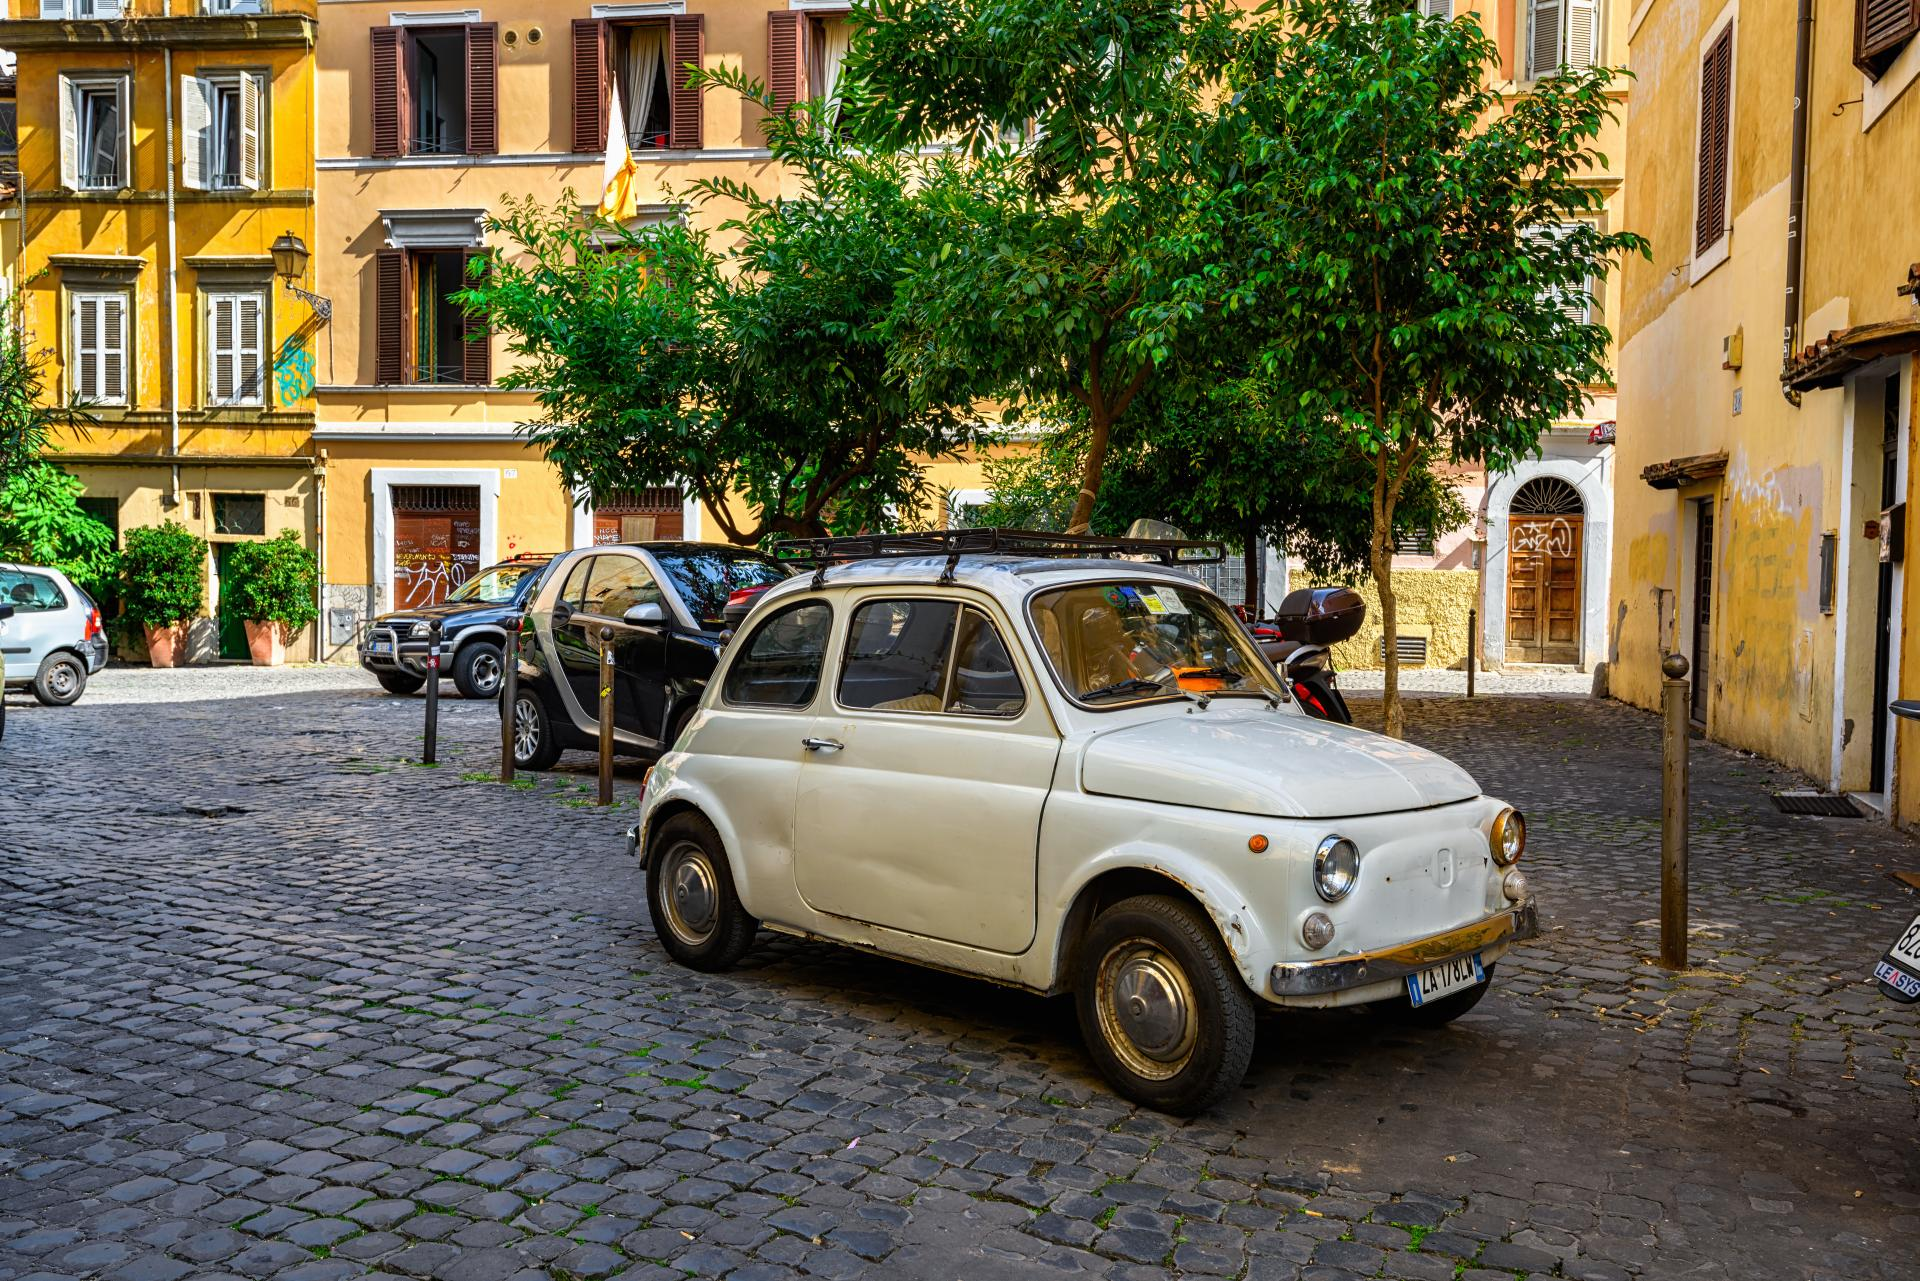 Fiat Chrysler Automobiles (FCA) investiert 165 Mio. Euro für polnisches E-Auto-Werk